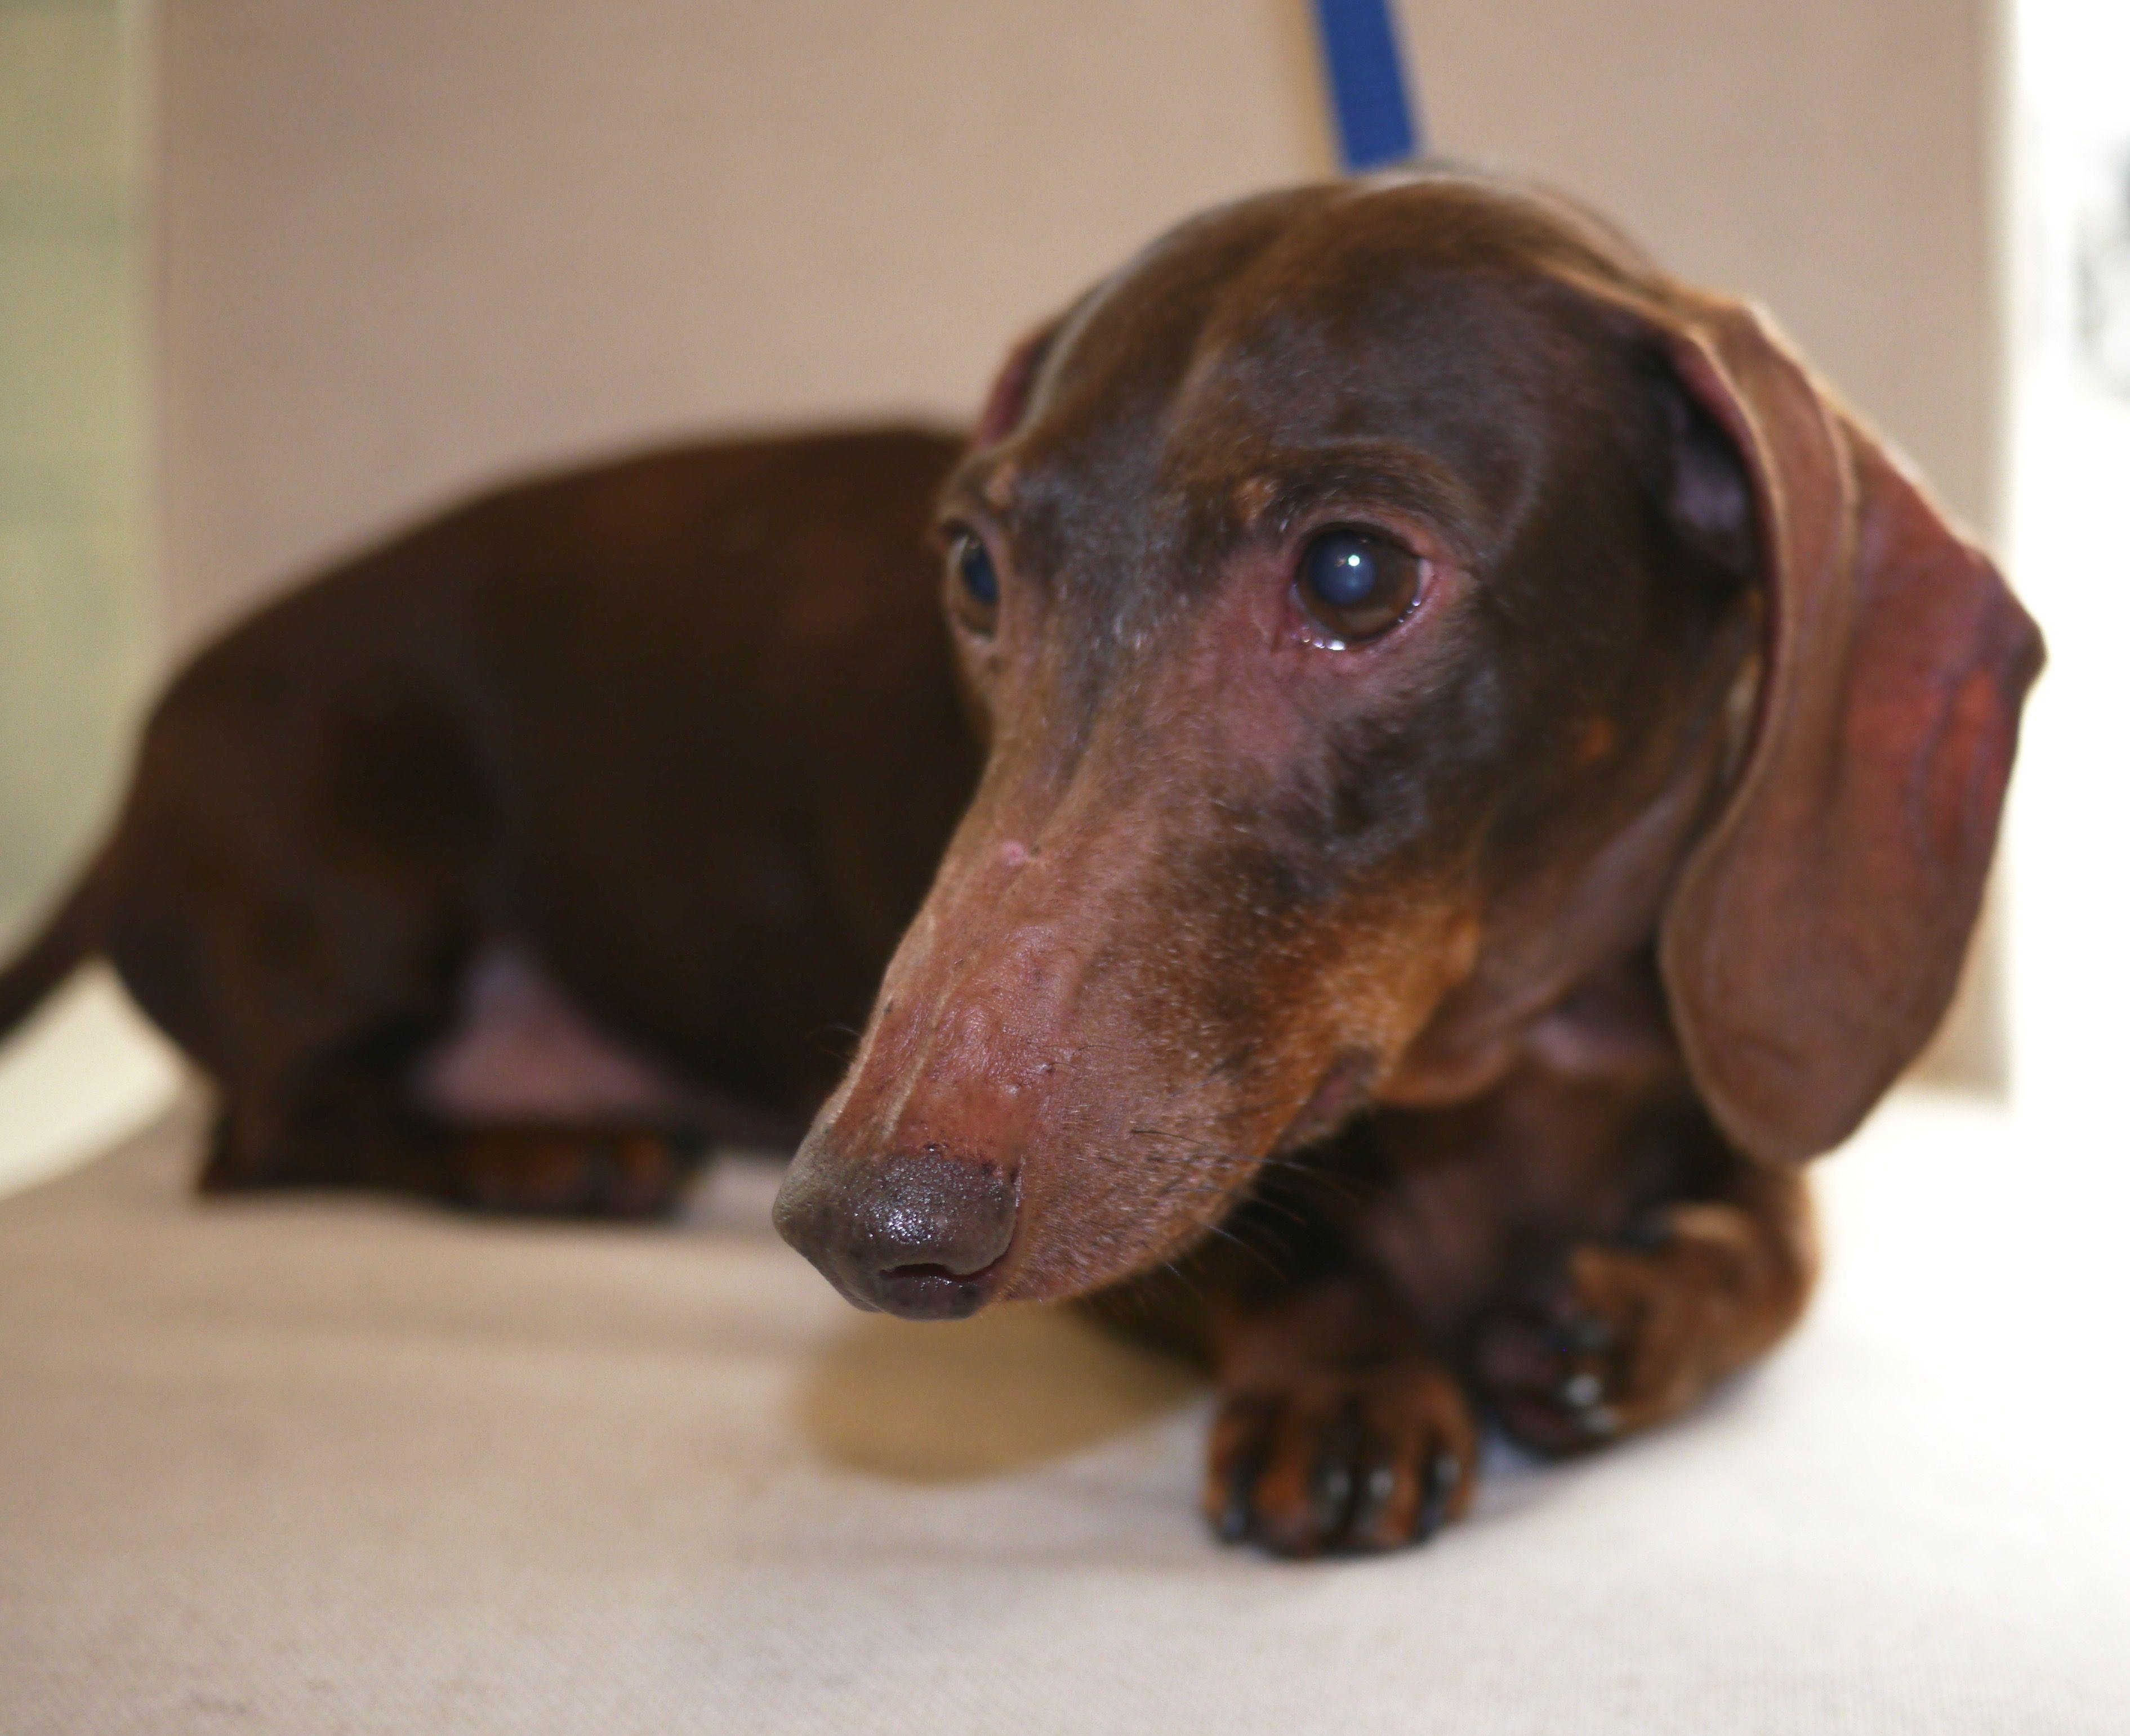 Dachshund Dog For Adoption In Friendswood Tx Adn 457400 On